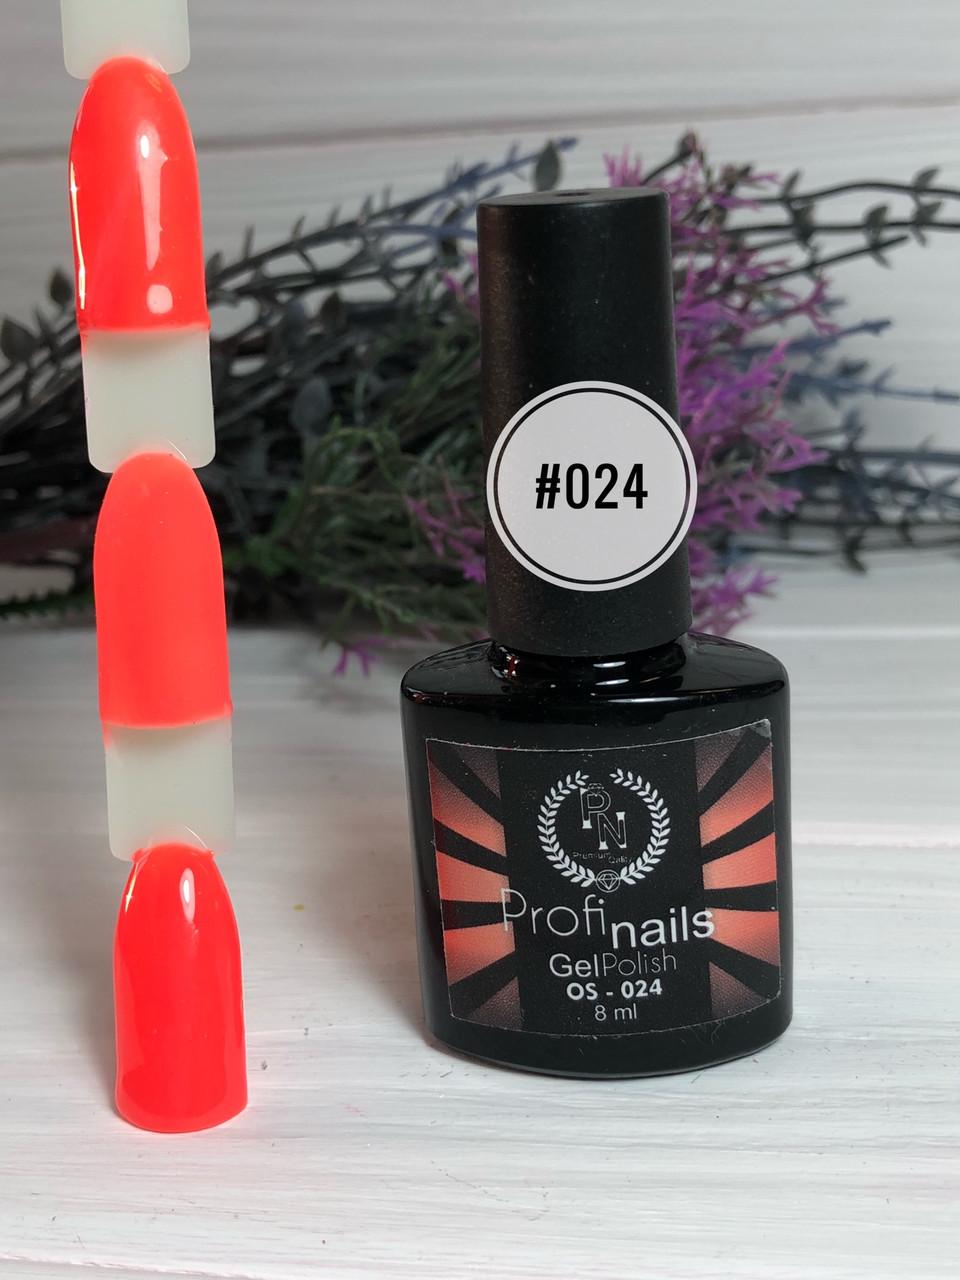 Гель лак каучуковый 8 мл Profi nails # 024